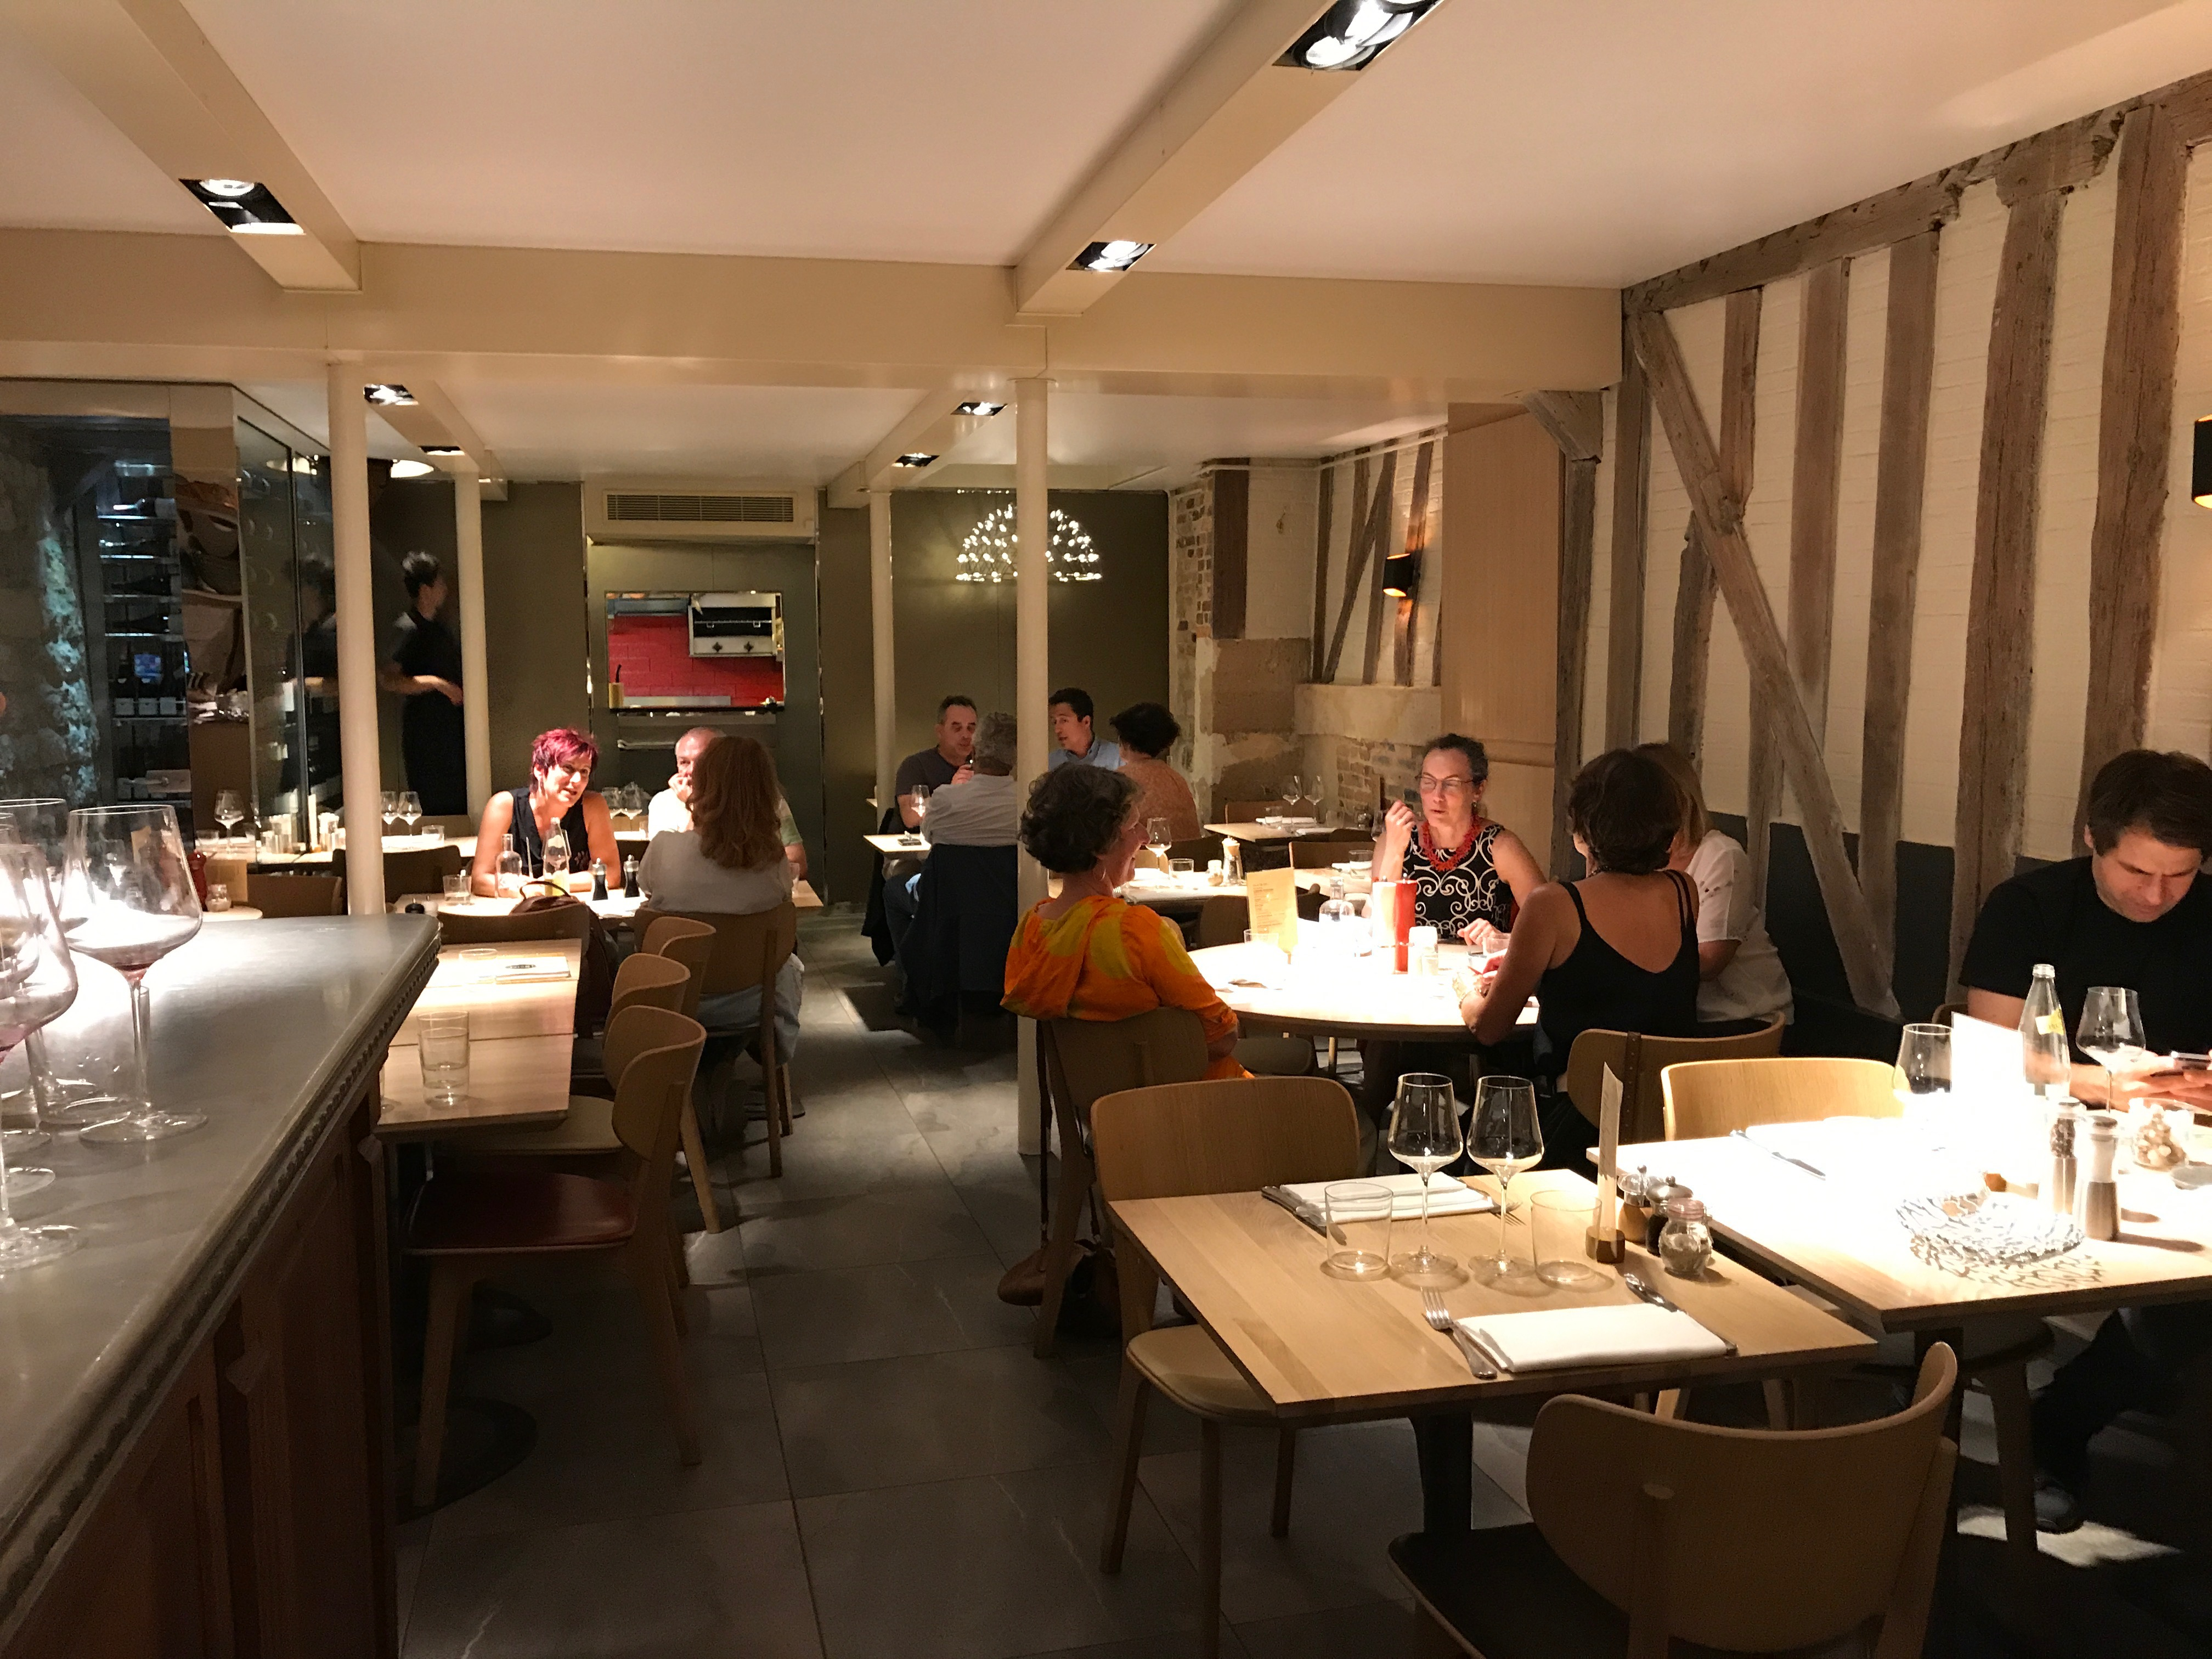 Dining room at Le Villaret restaurant in Paris